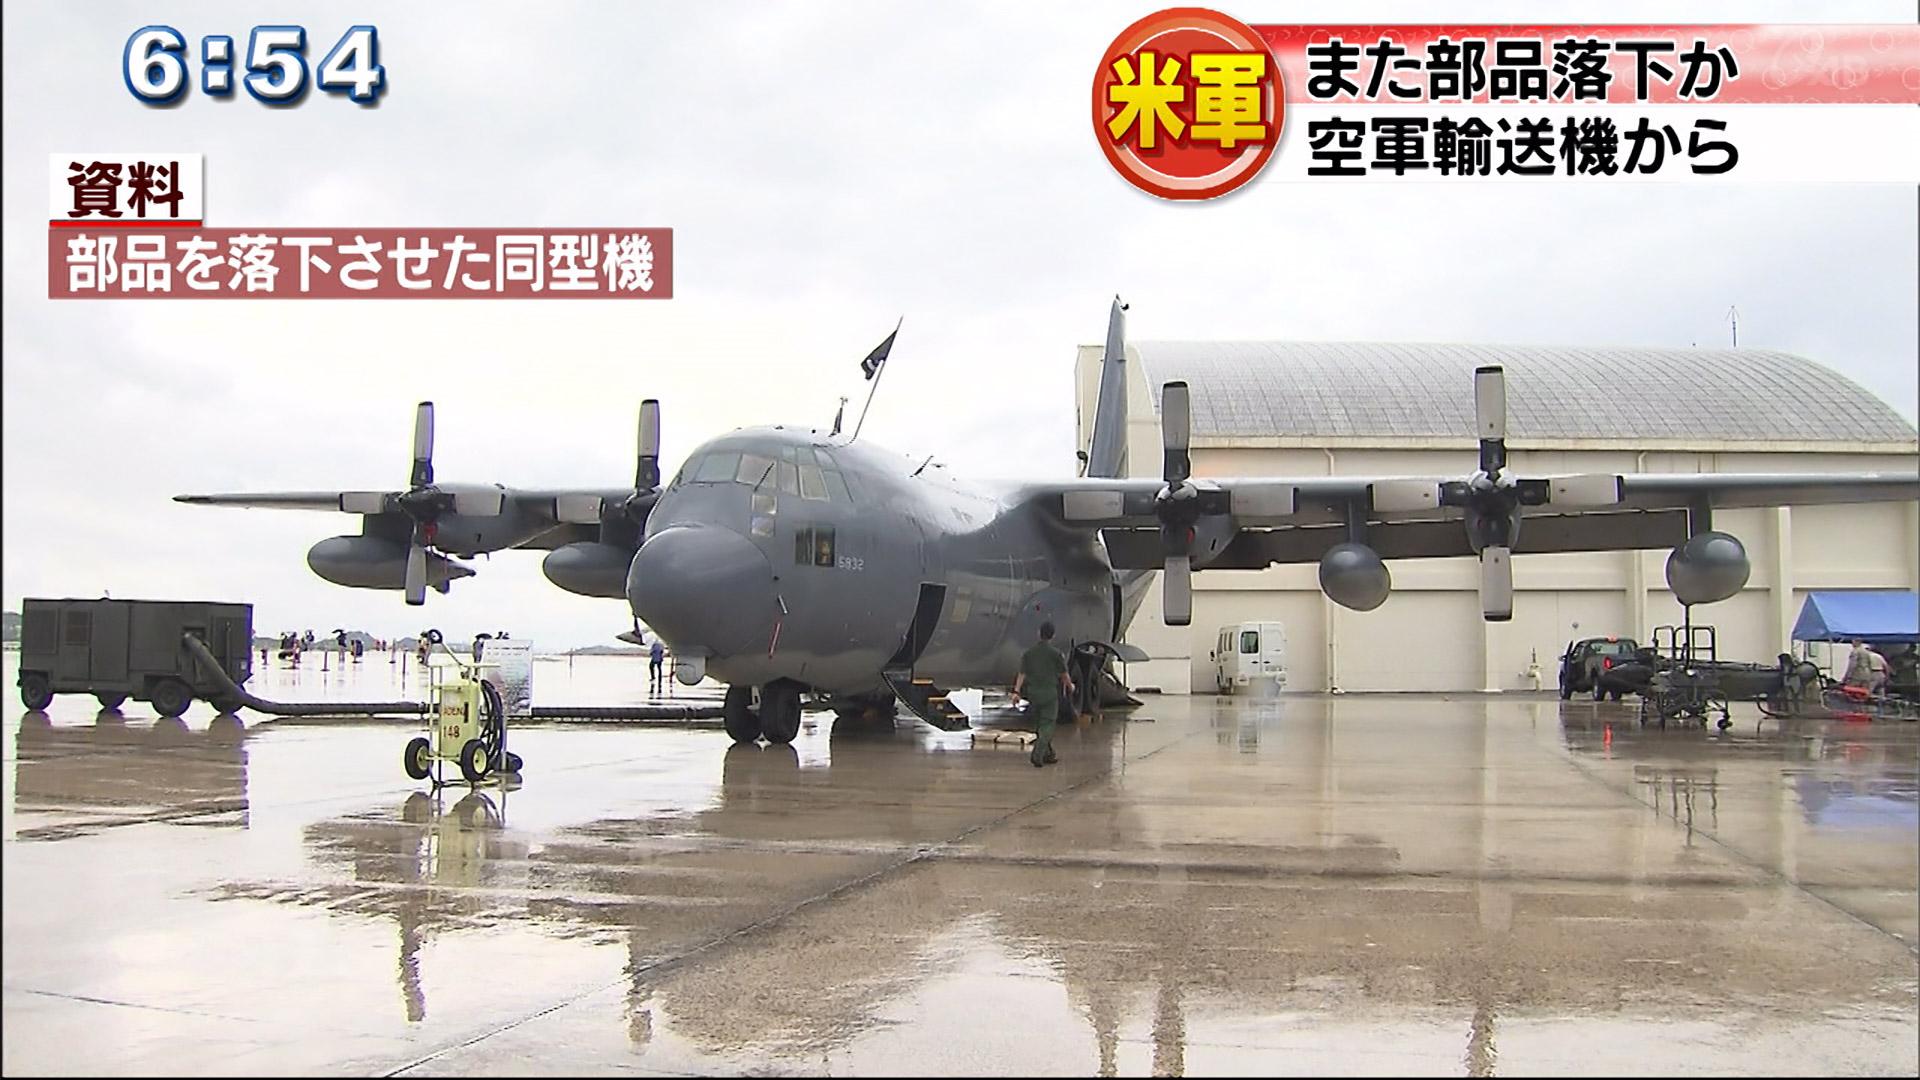 米軍機 – QAB NEWS Headline